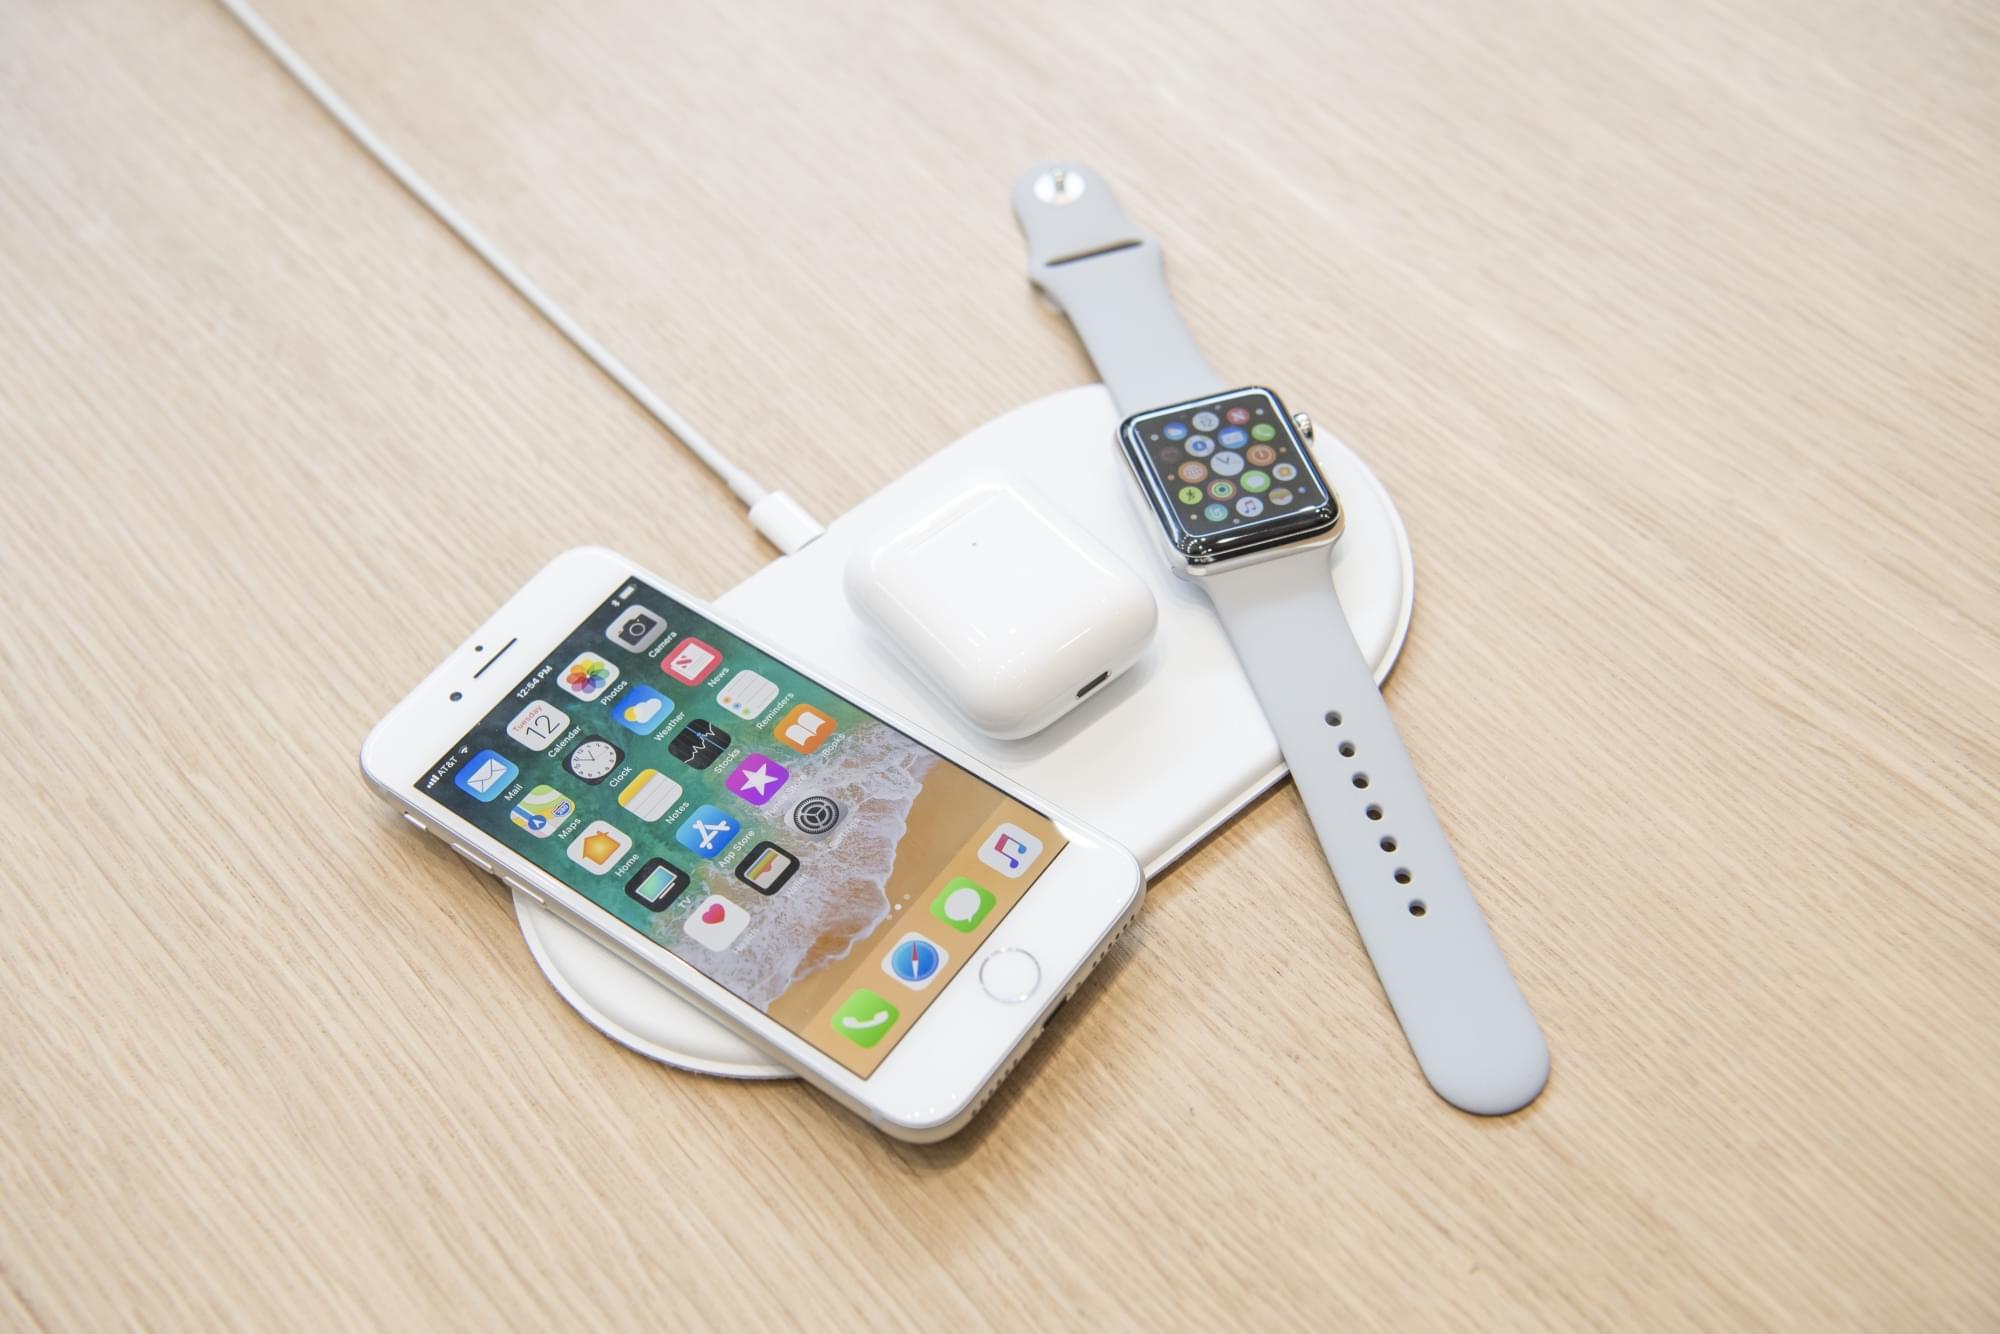 其他只是表象 彭博:苹果真正优势在自主芯片和iOS